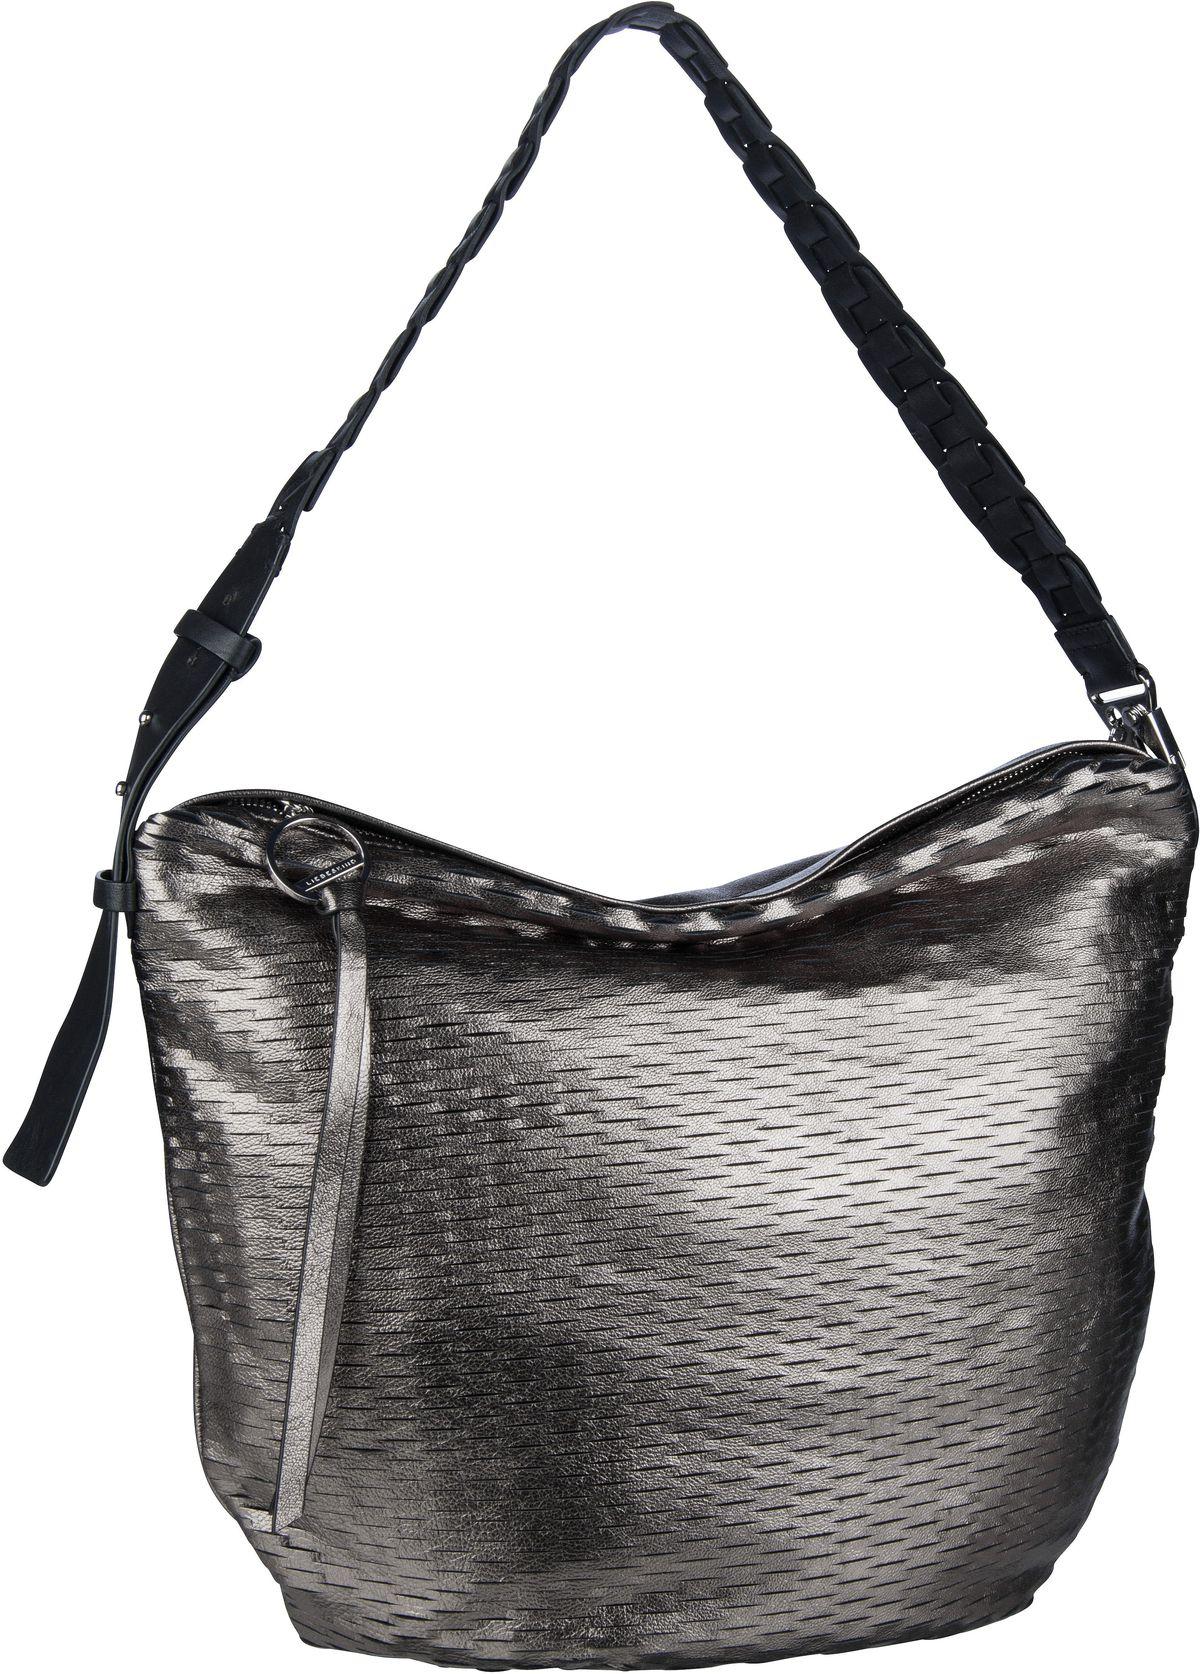 Berlin Handtasche Dive Bag 2 Metallic Hobo M Warm Silver